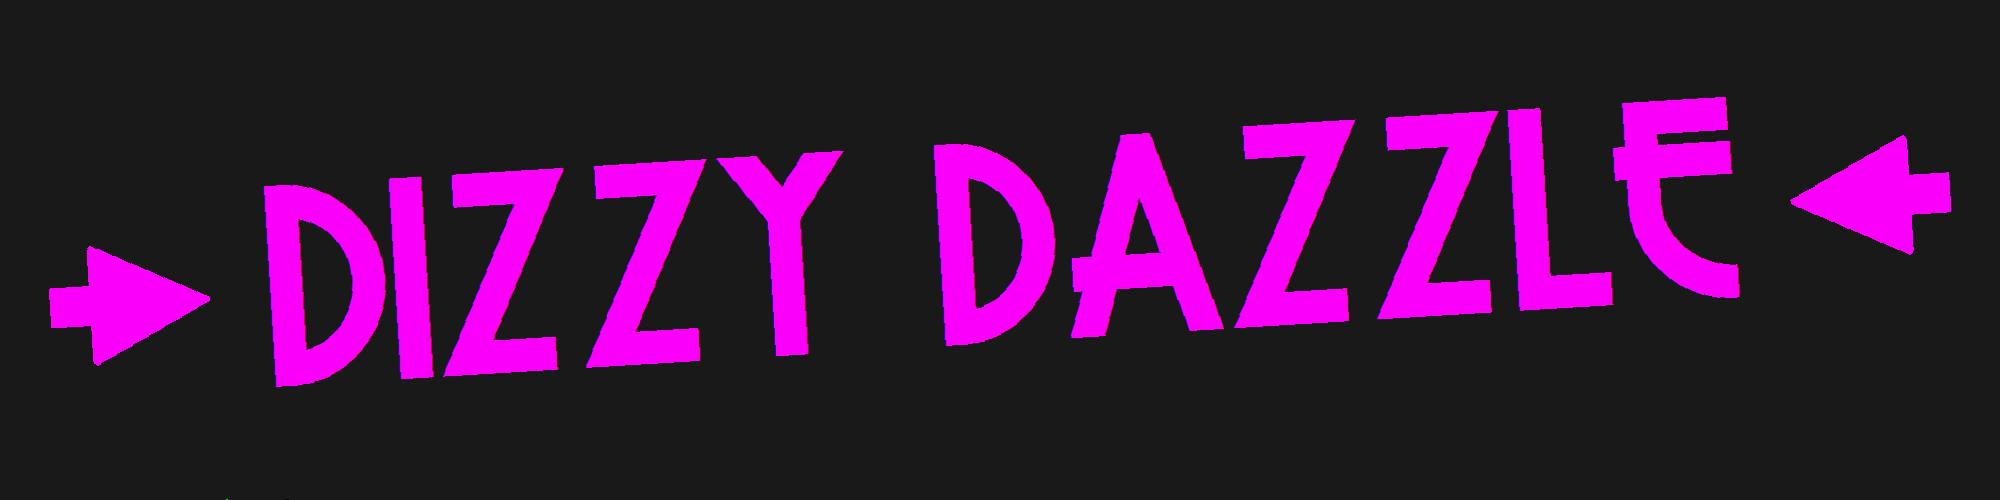 Dizzy Dazzle